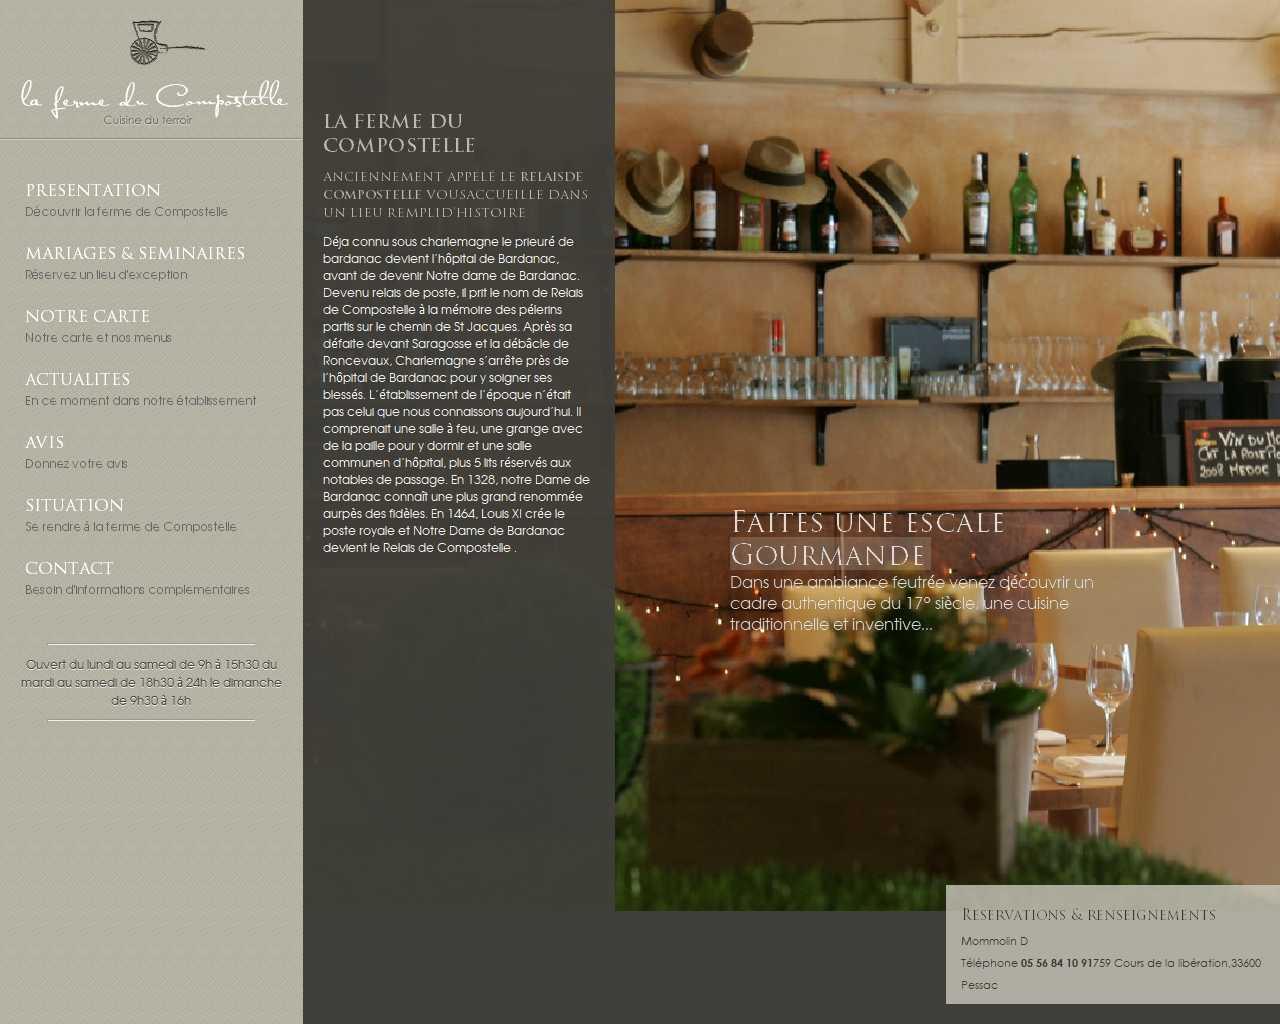 Visuel du site La ferme du compostelle